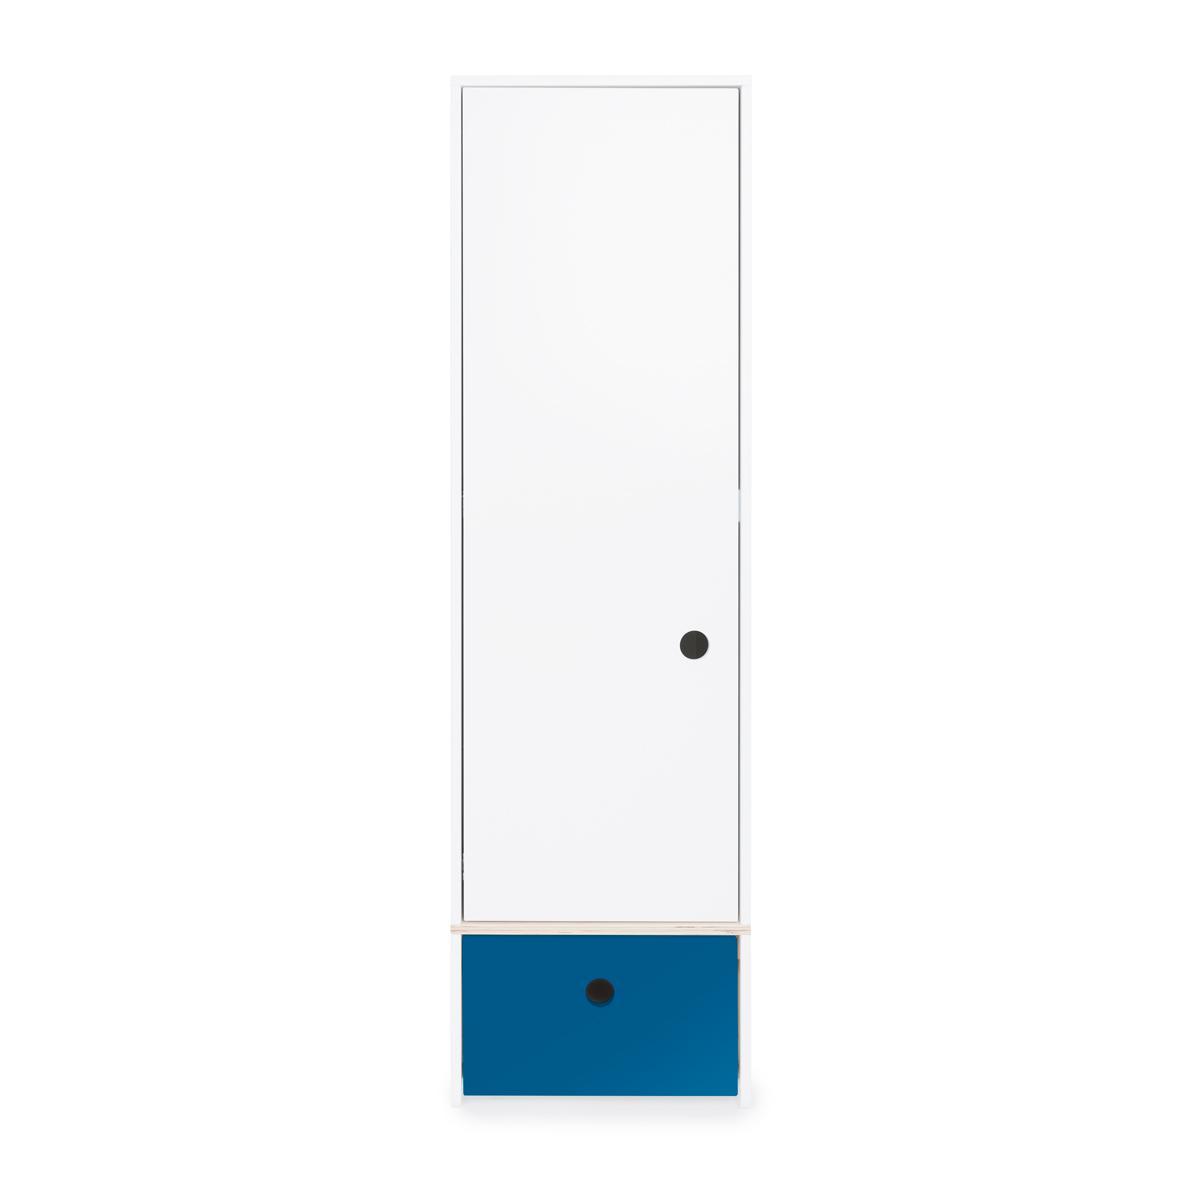 Armoire 1 porte COLORFLEX façade tiroir deep marine